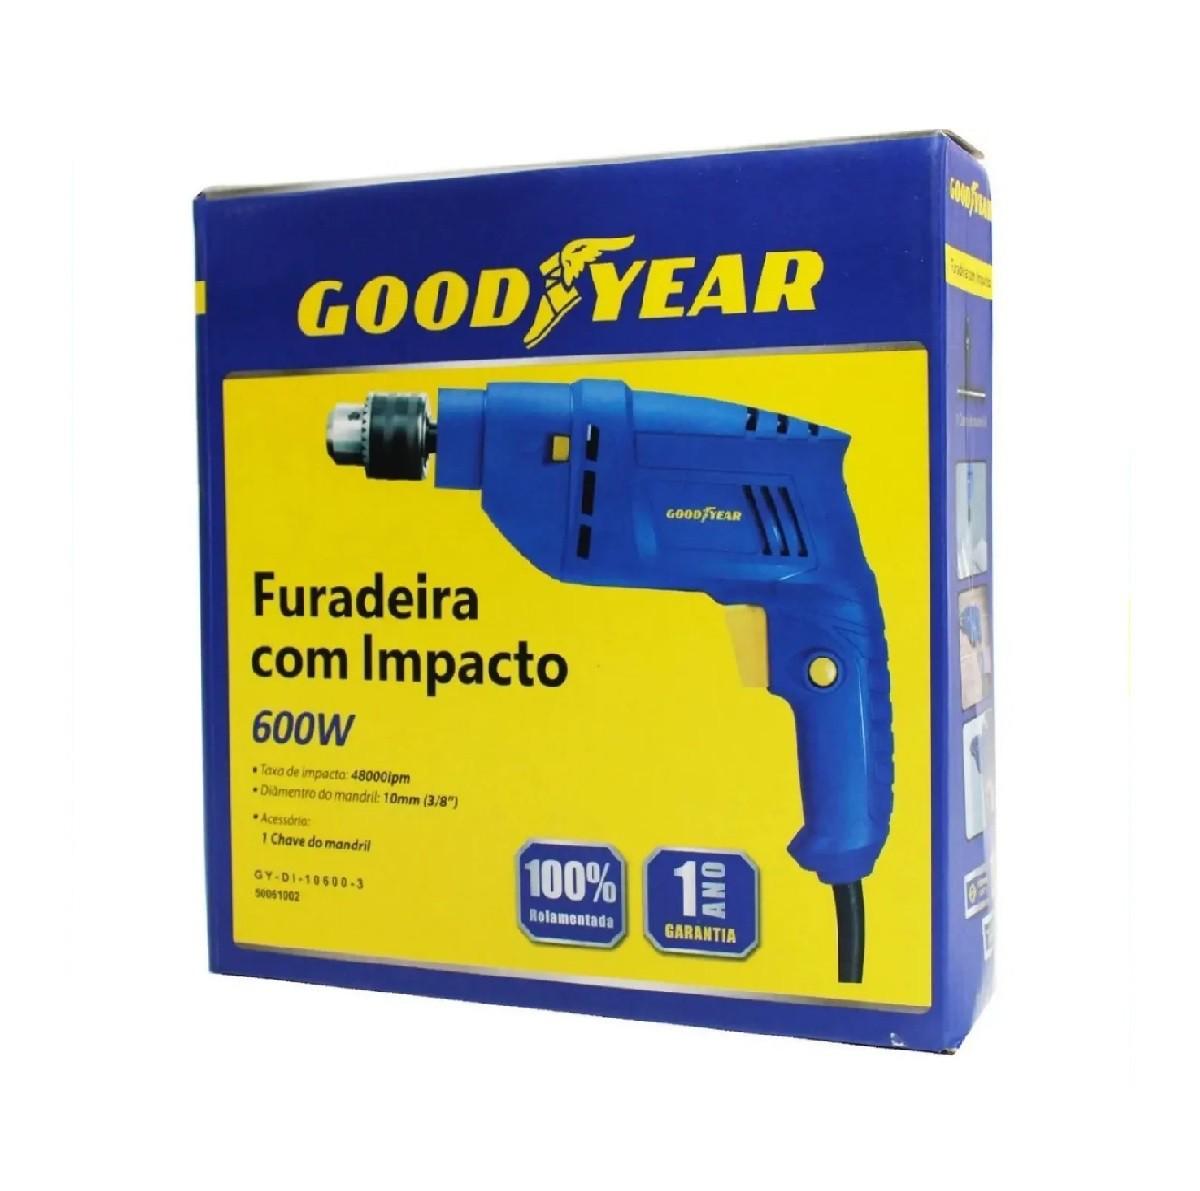 Furadeira De Impacto 600w 10mm Goodyear GY-DI-10600-3